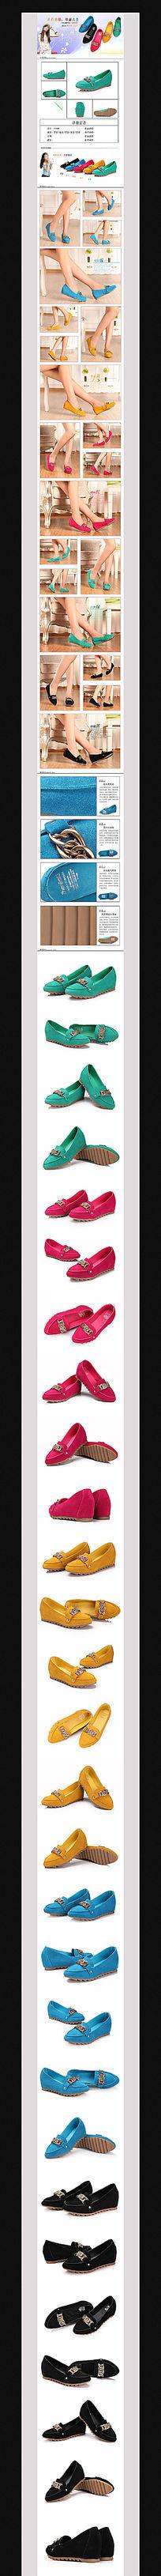 淘宝女鞋详情页细节PSD素材模板